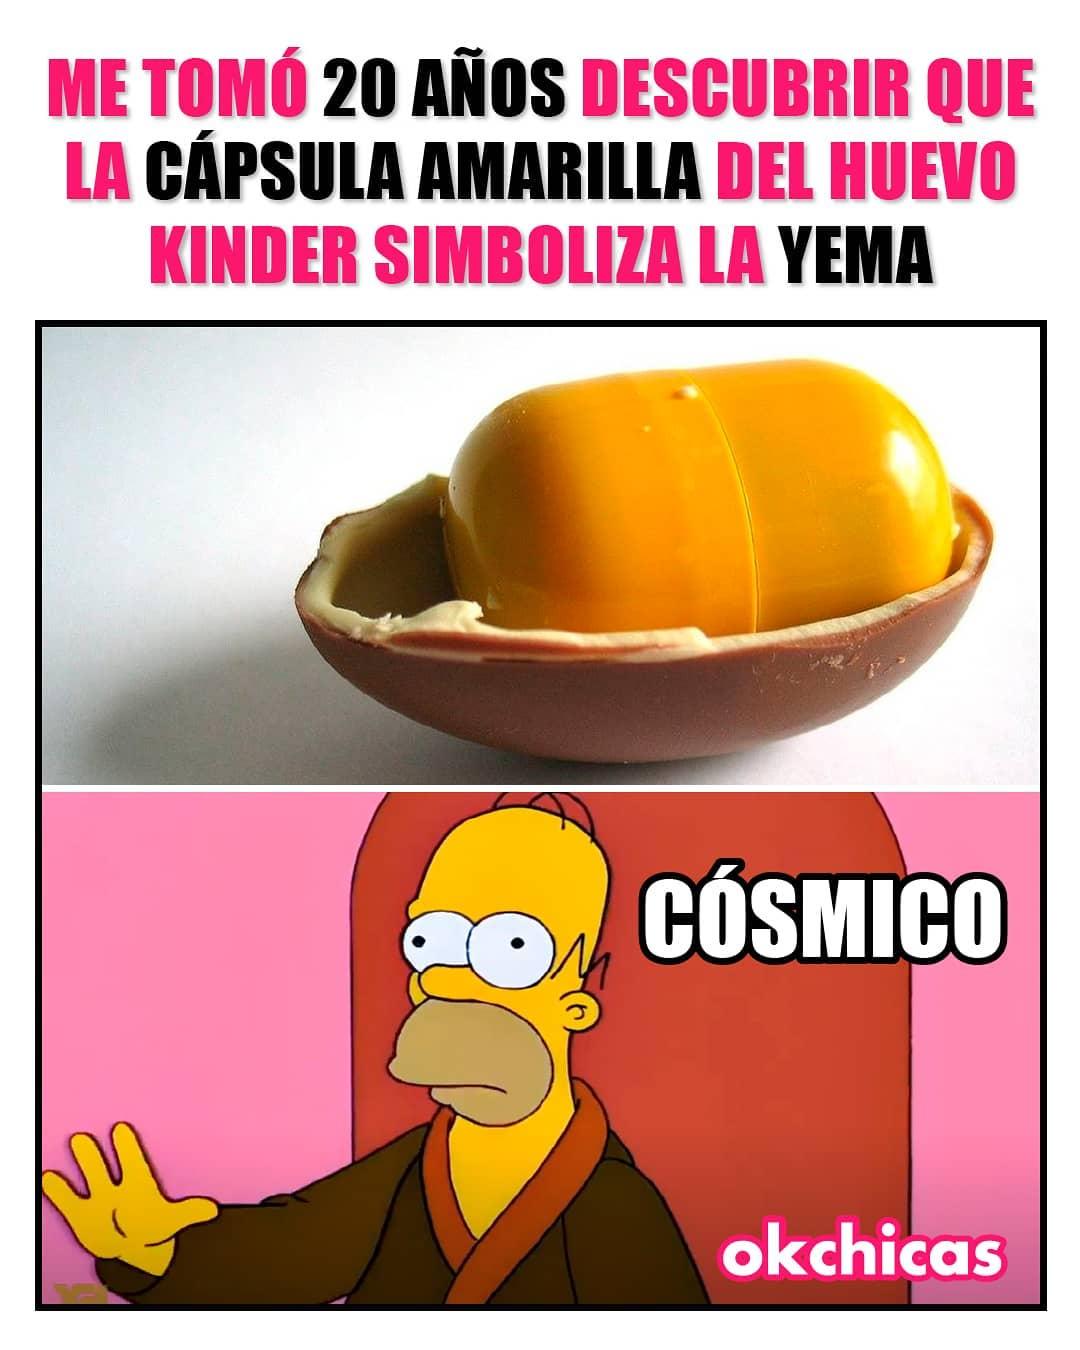 Me tomó 20 años descubrir que la cápsula amarilla del huevo kinder simboliza la yema.  Cósmico.